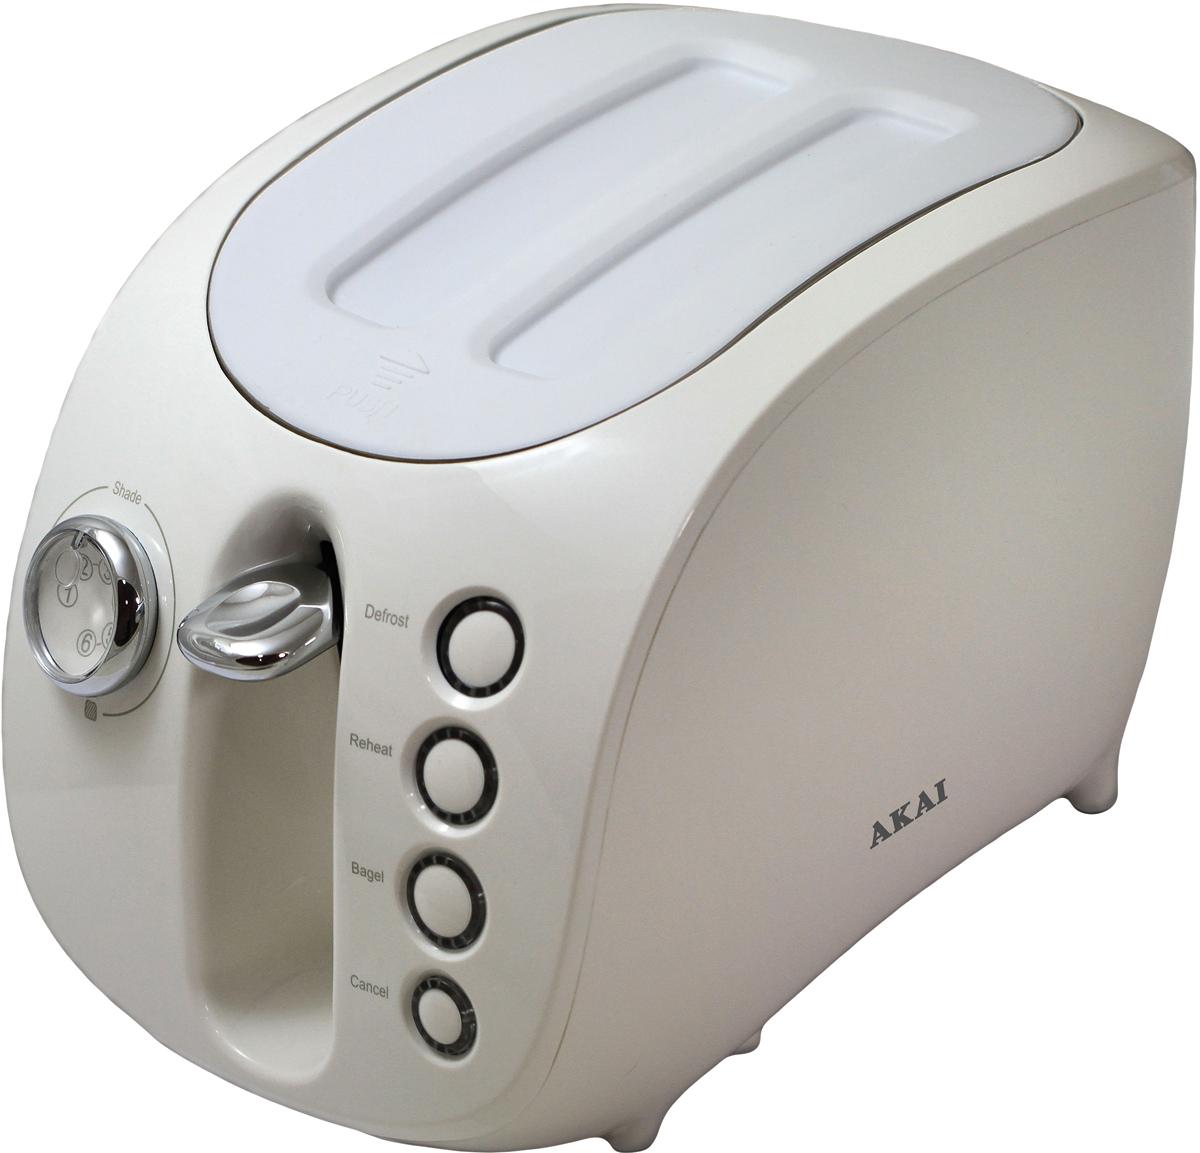 Тостер Akai ТР-1110 W, White